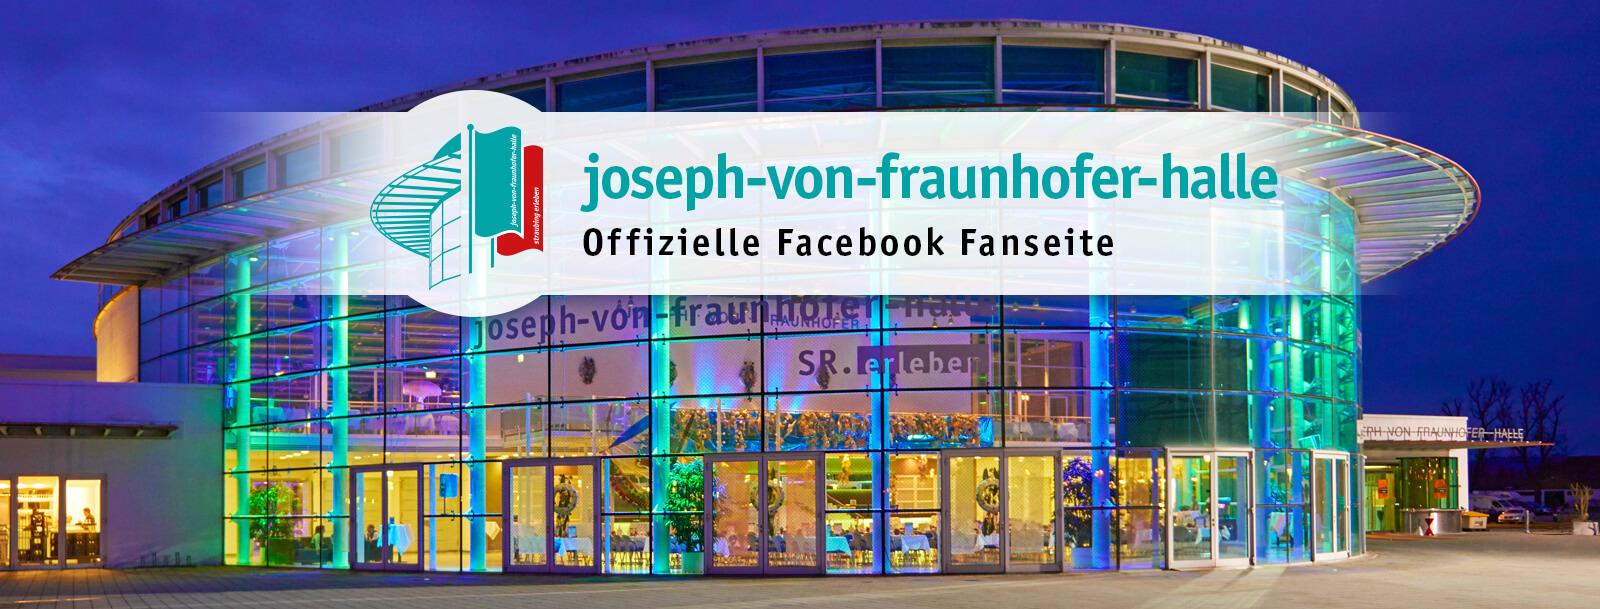 Die Joseph-von-Fraunhofer-Halle auf Facebook